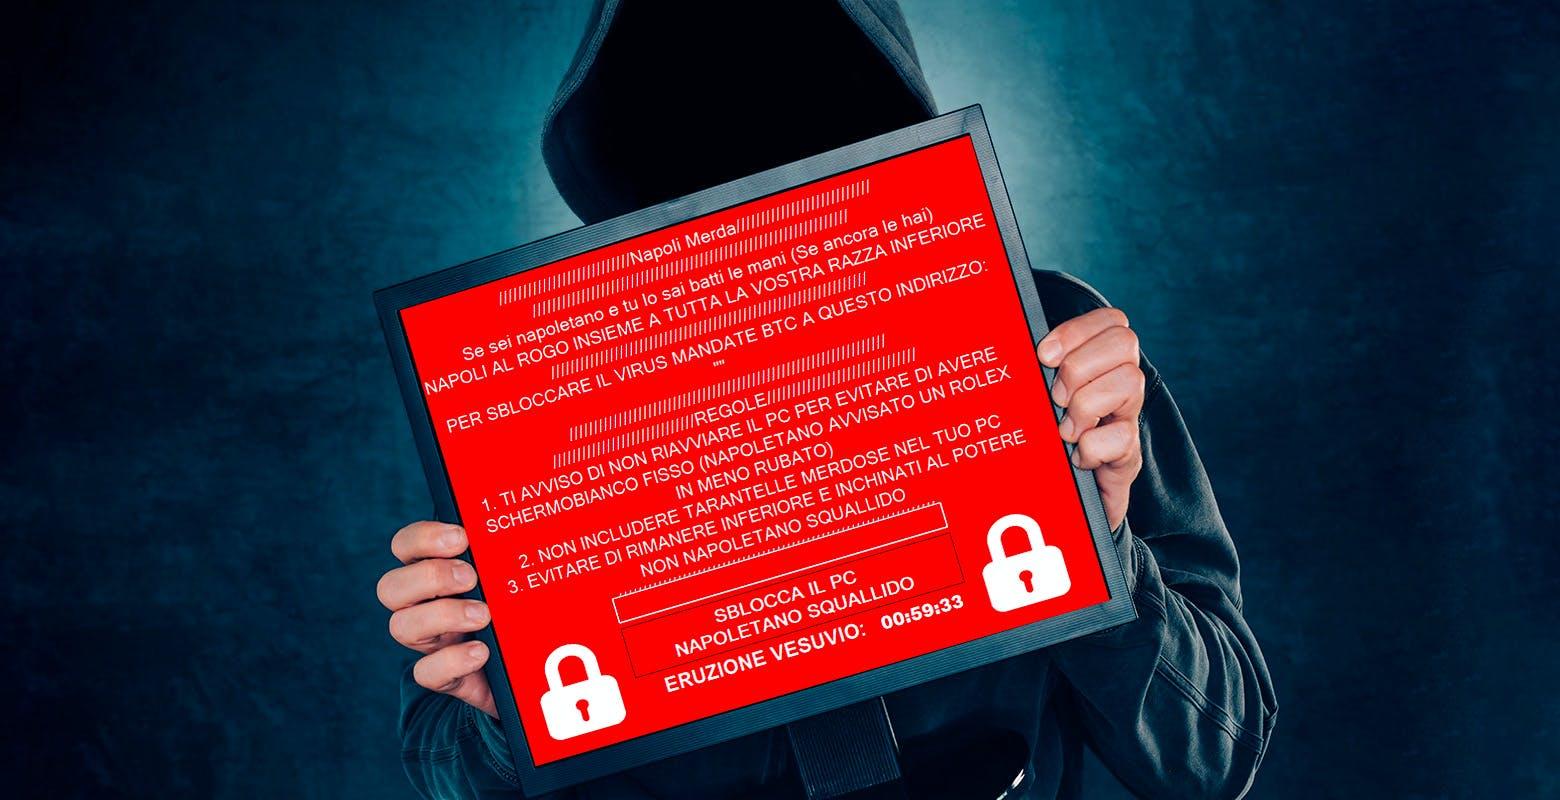 Il ransomware razzista che insulta i napoletani è solo lo scherzo di un bambino frustrato